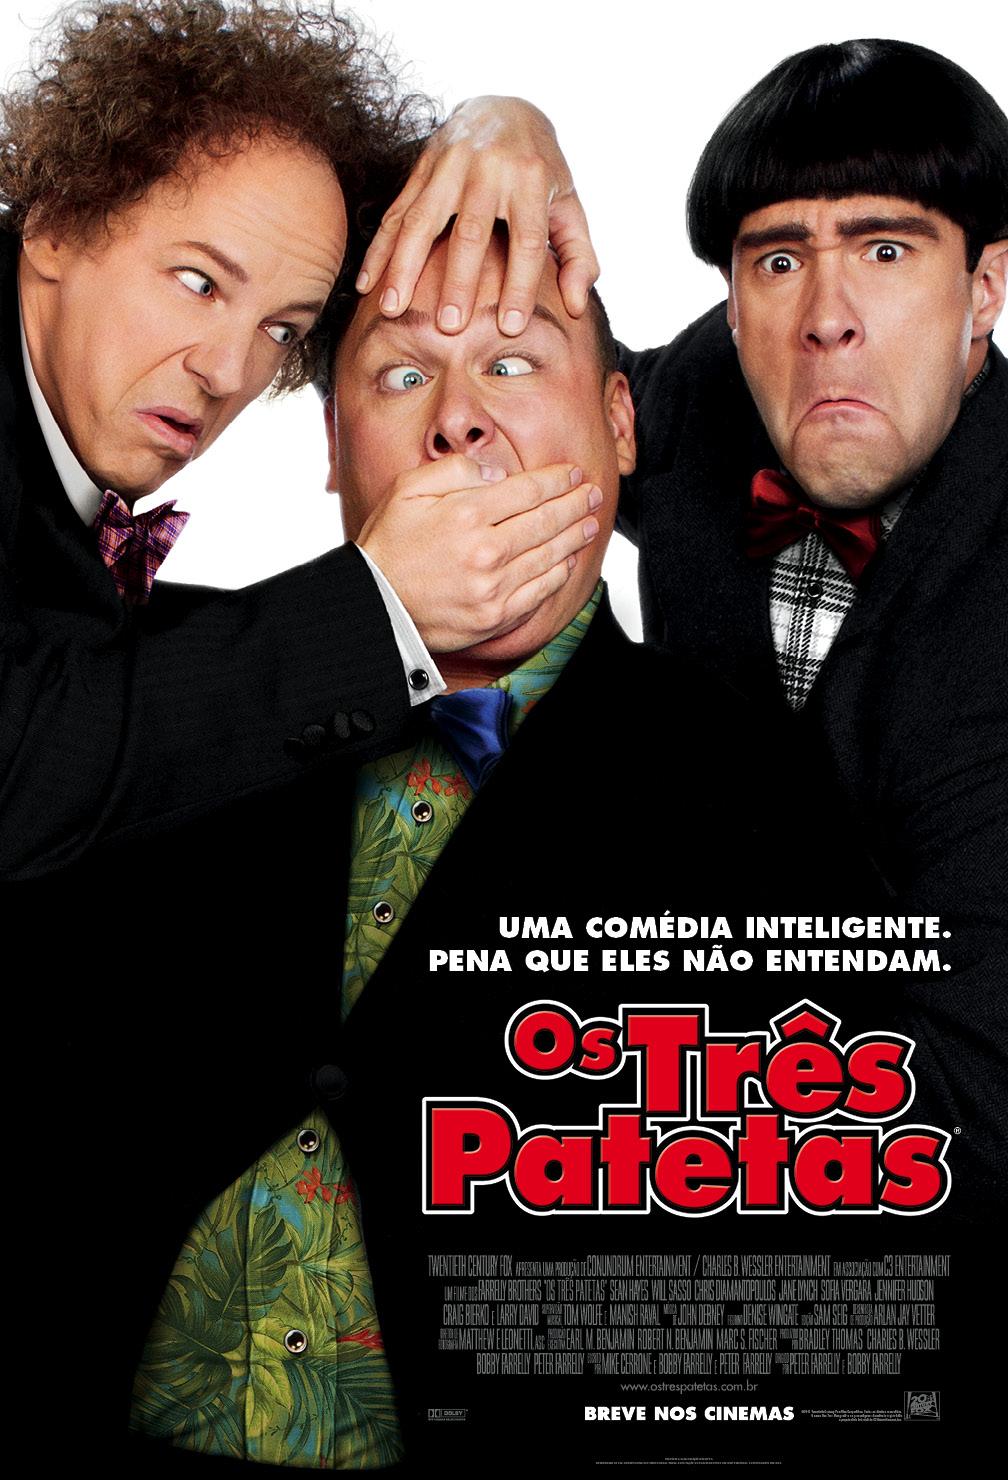 Assistir Os Três Patetas (2012) Torrent Dublado 720p 1080p 5.1 Online